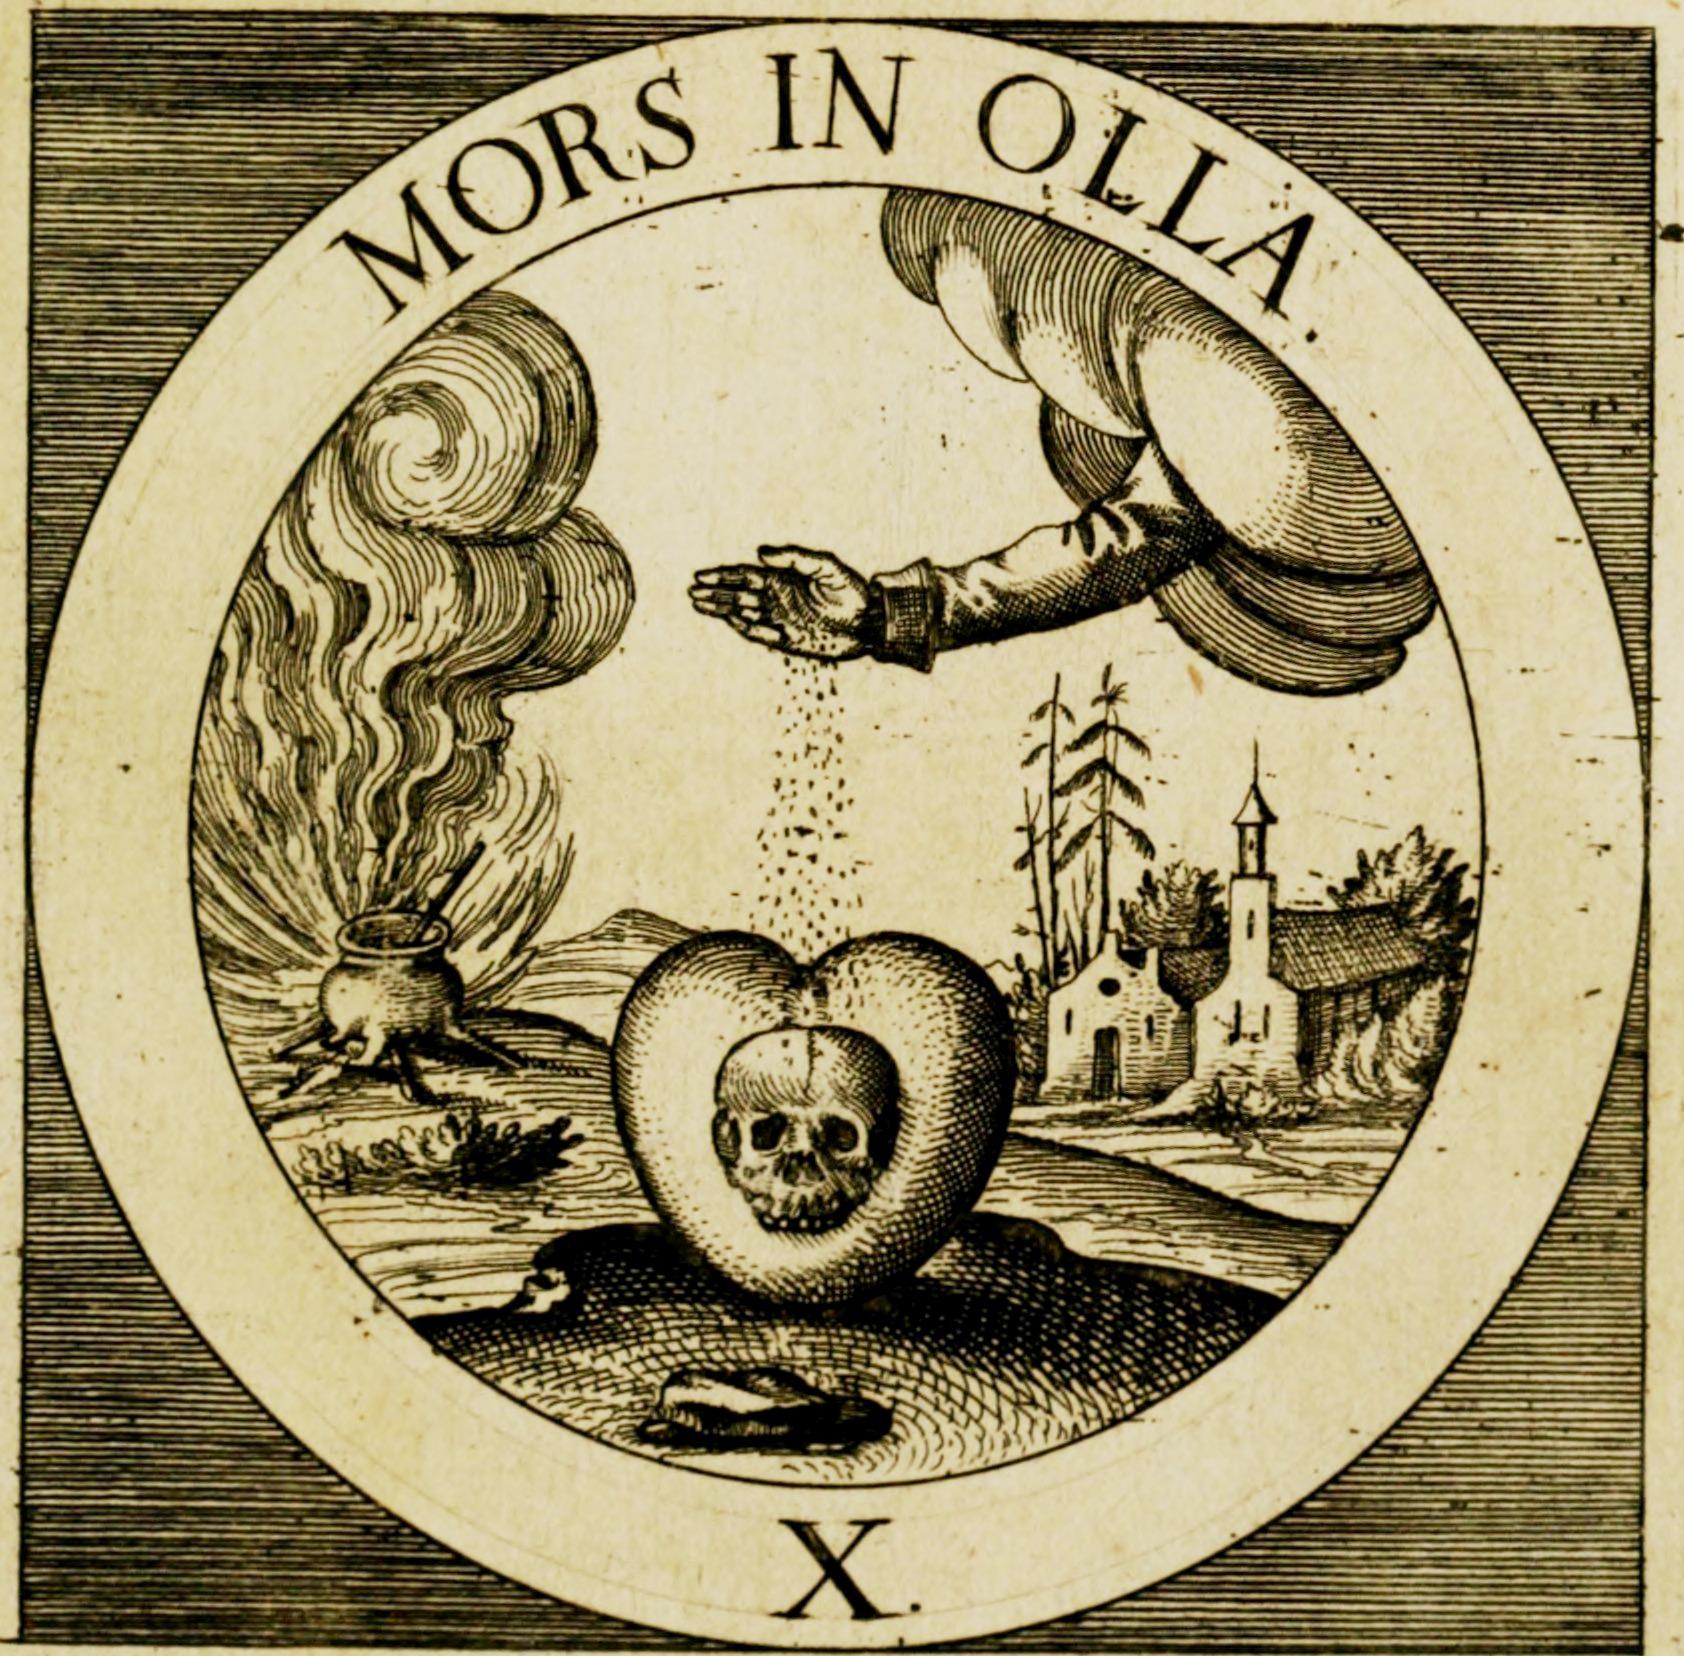 File:Mors in olla (1624).jpg